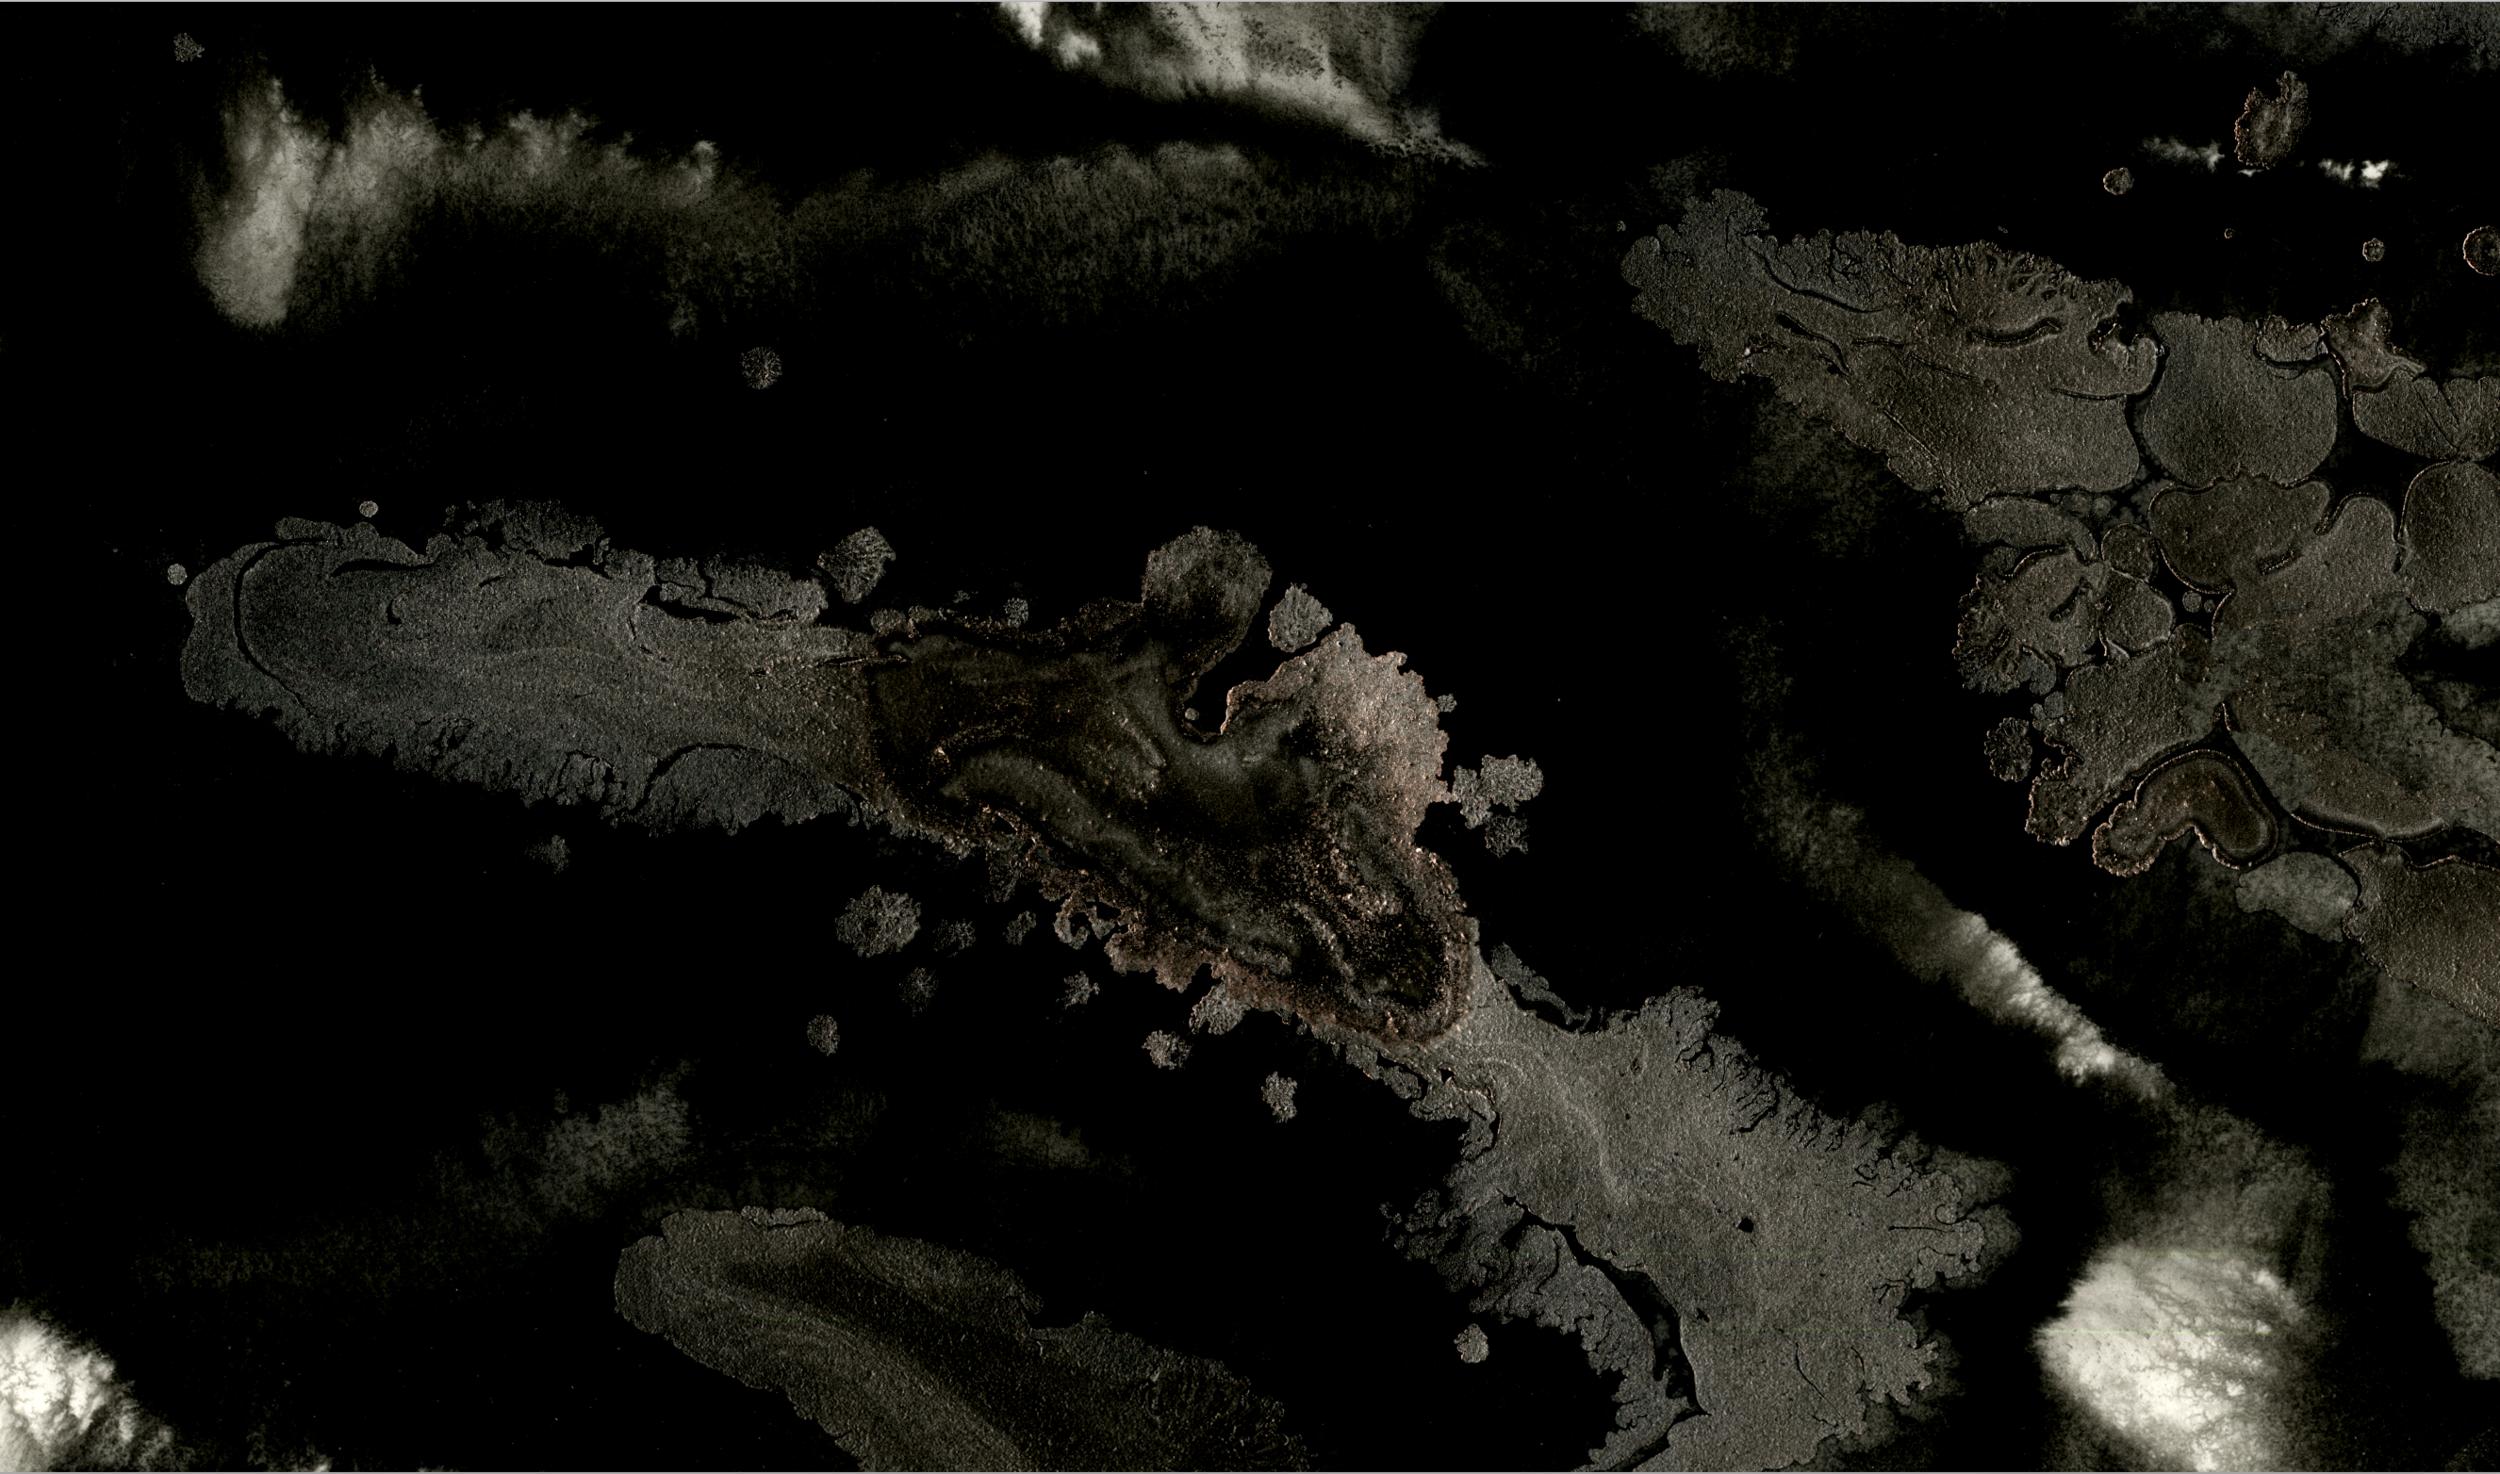 Screen Shot 2017-03-24 at 9.37.34 PM.png